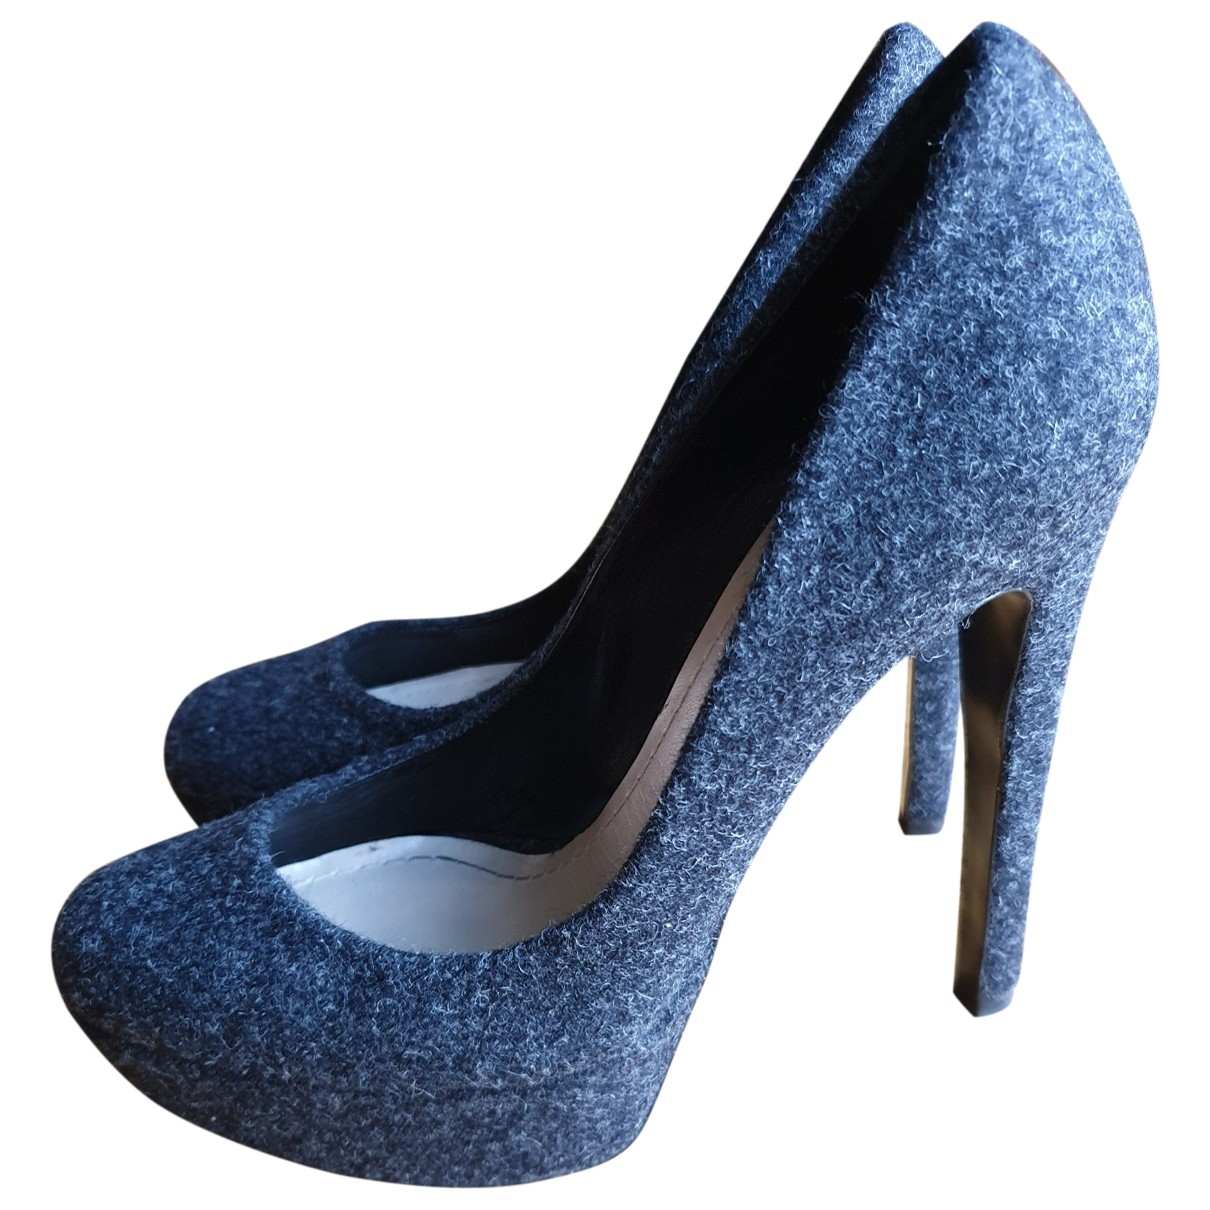 Tacones Dior D-Stiletto Tweed Dior